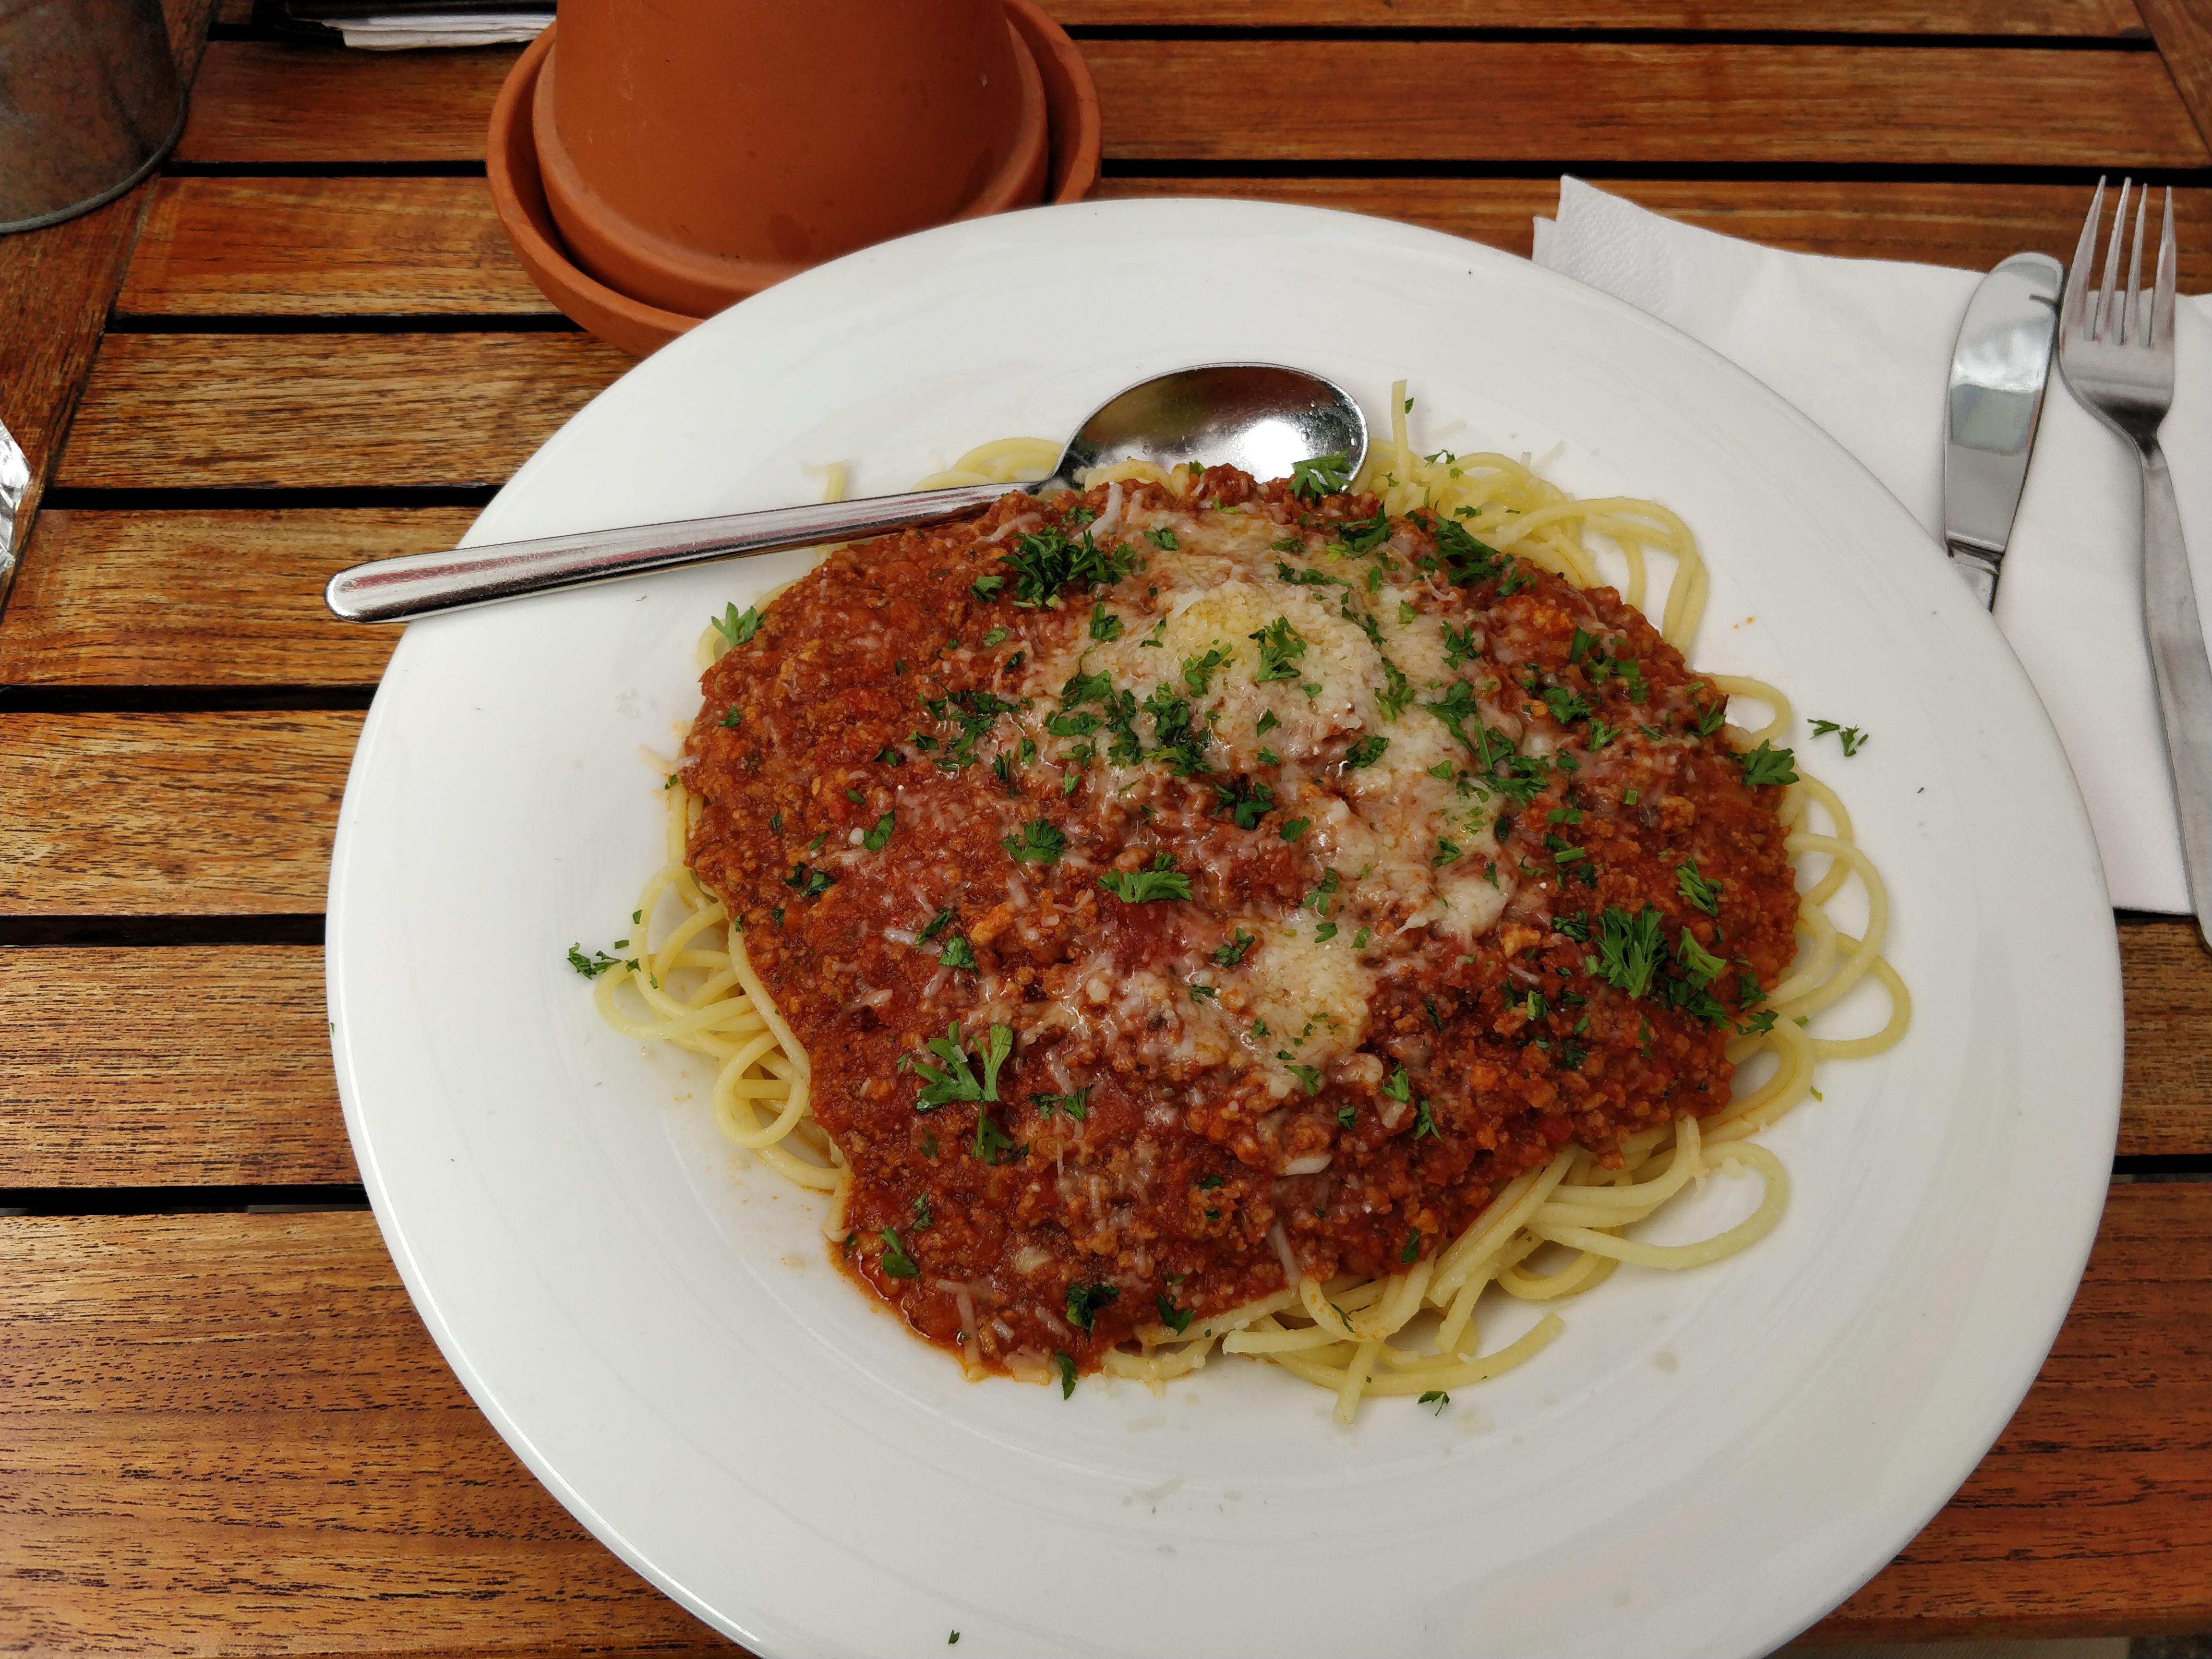 https://foodloader.net/nico_2017-08-02_spaghetti-bolognese.jpg